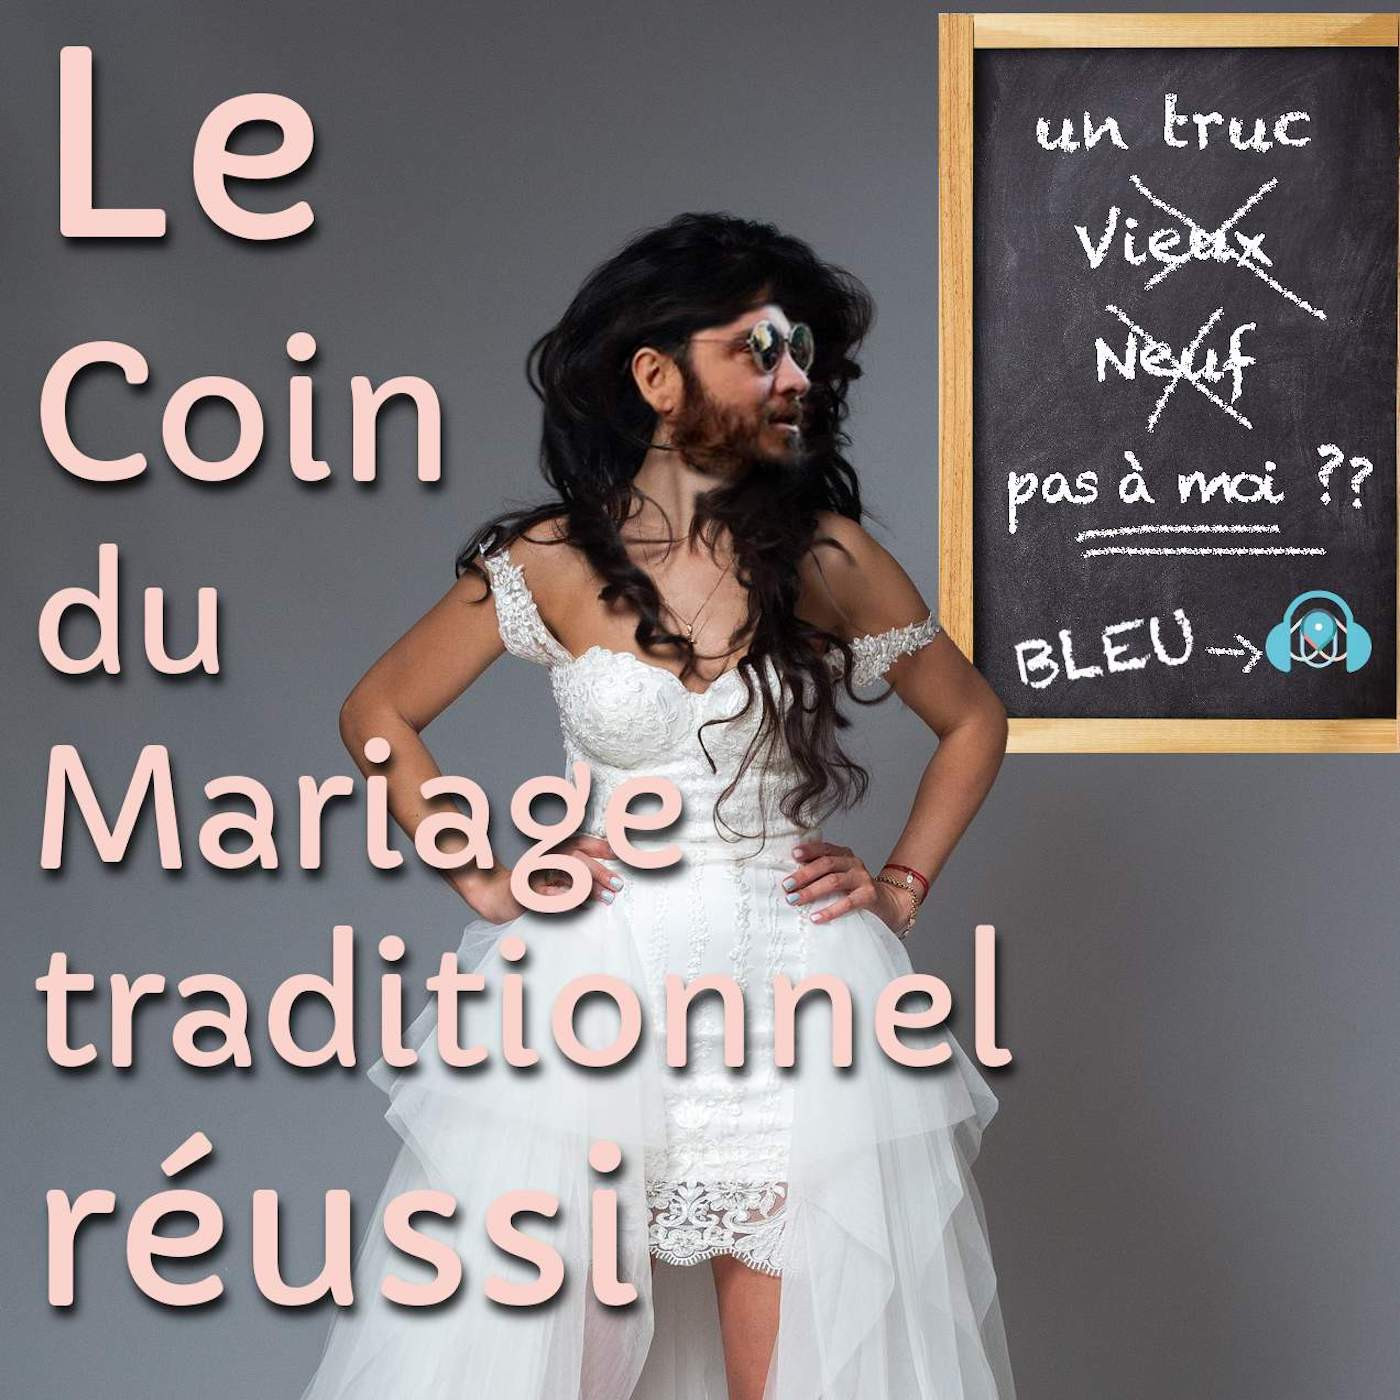 LE COIN DU MARIAGE TRADITIONNEL RÉUSSI S1E3